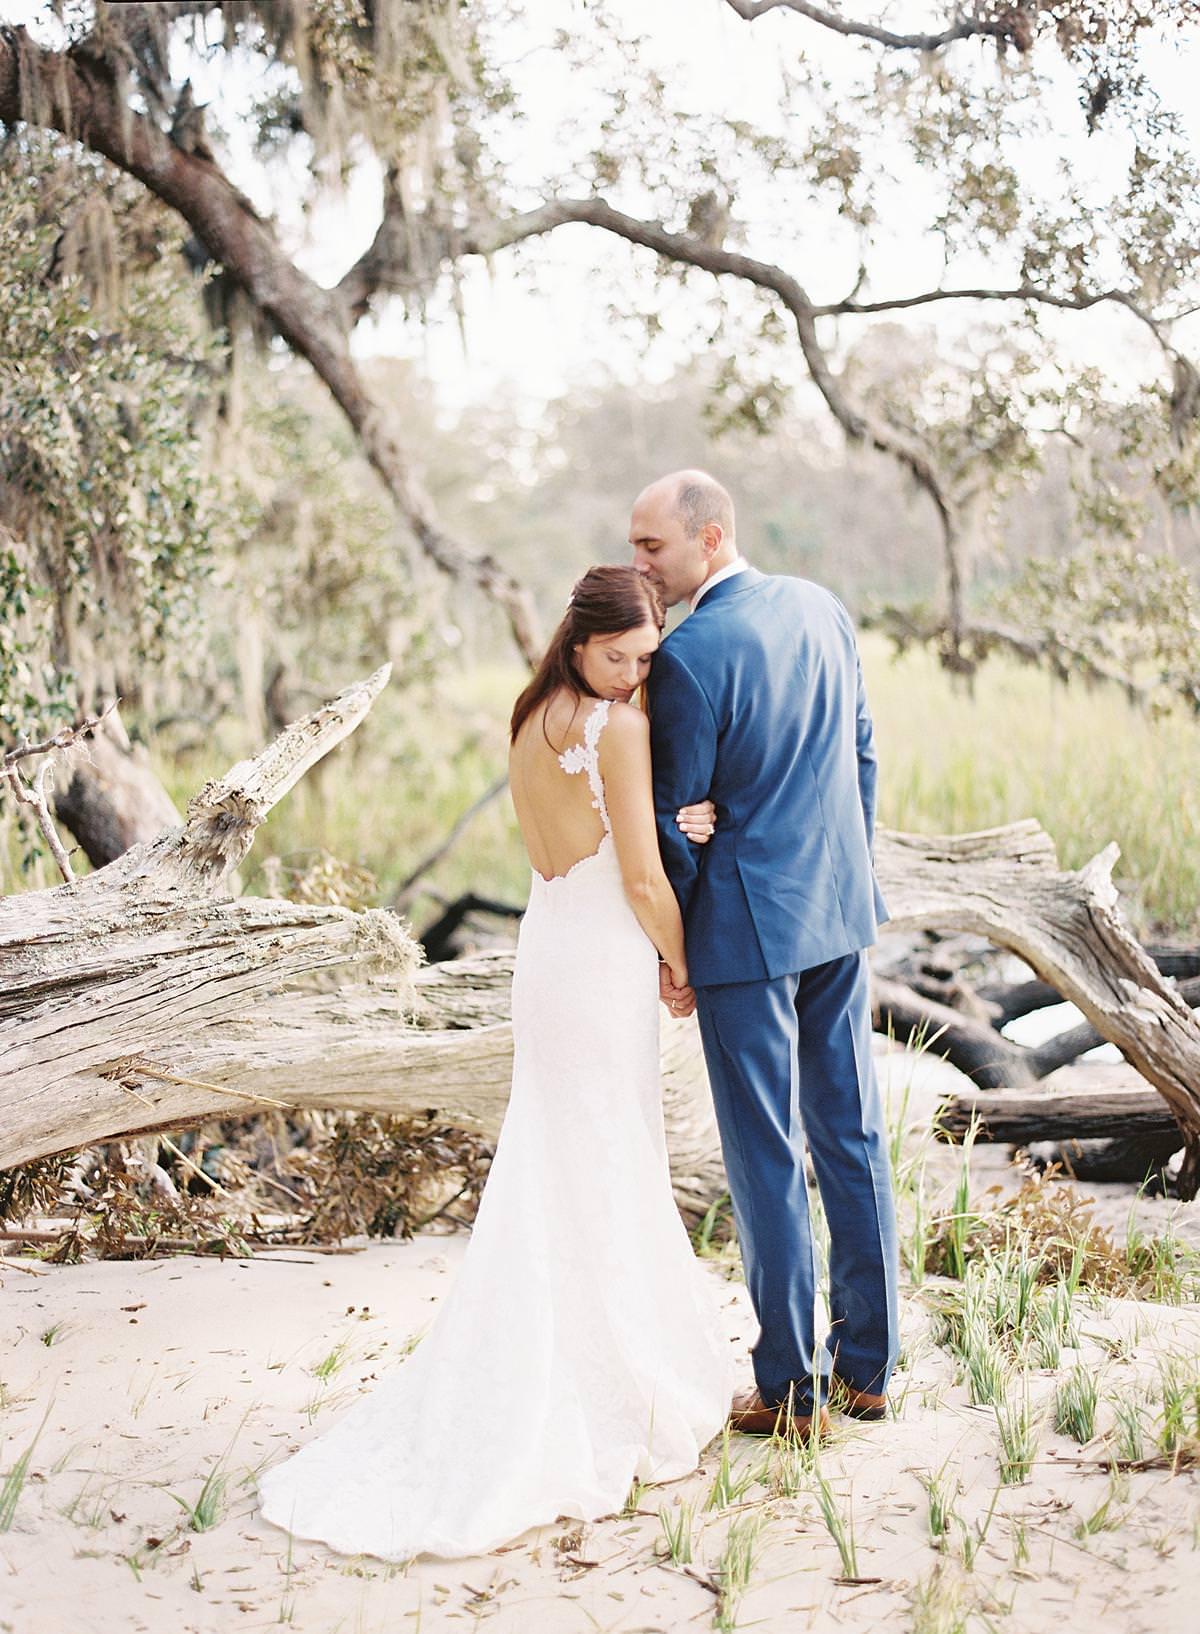 destination wedding hilton head